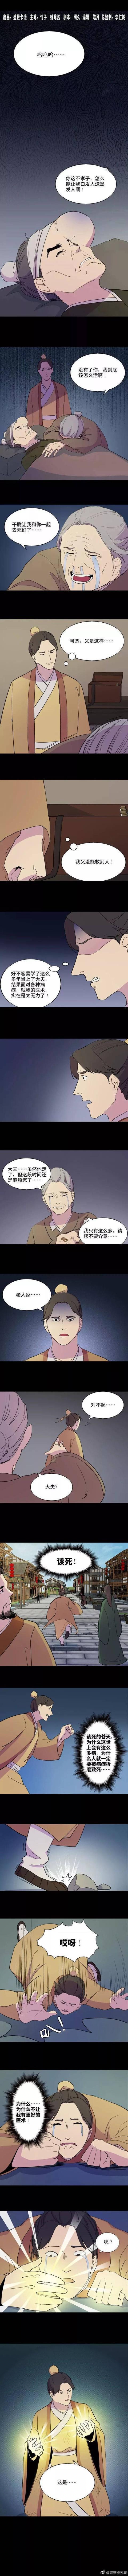 漫畫:可能有些病真的永遠治不好!